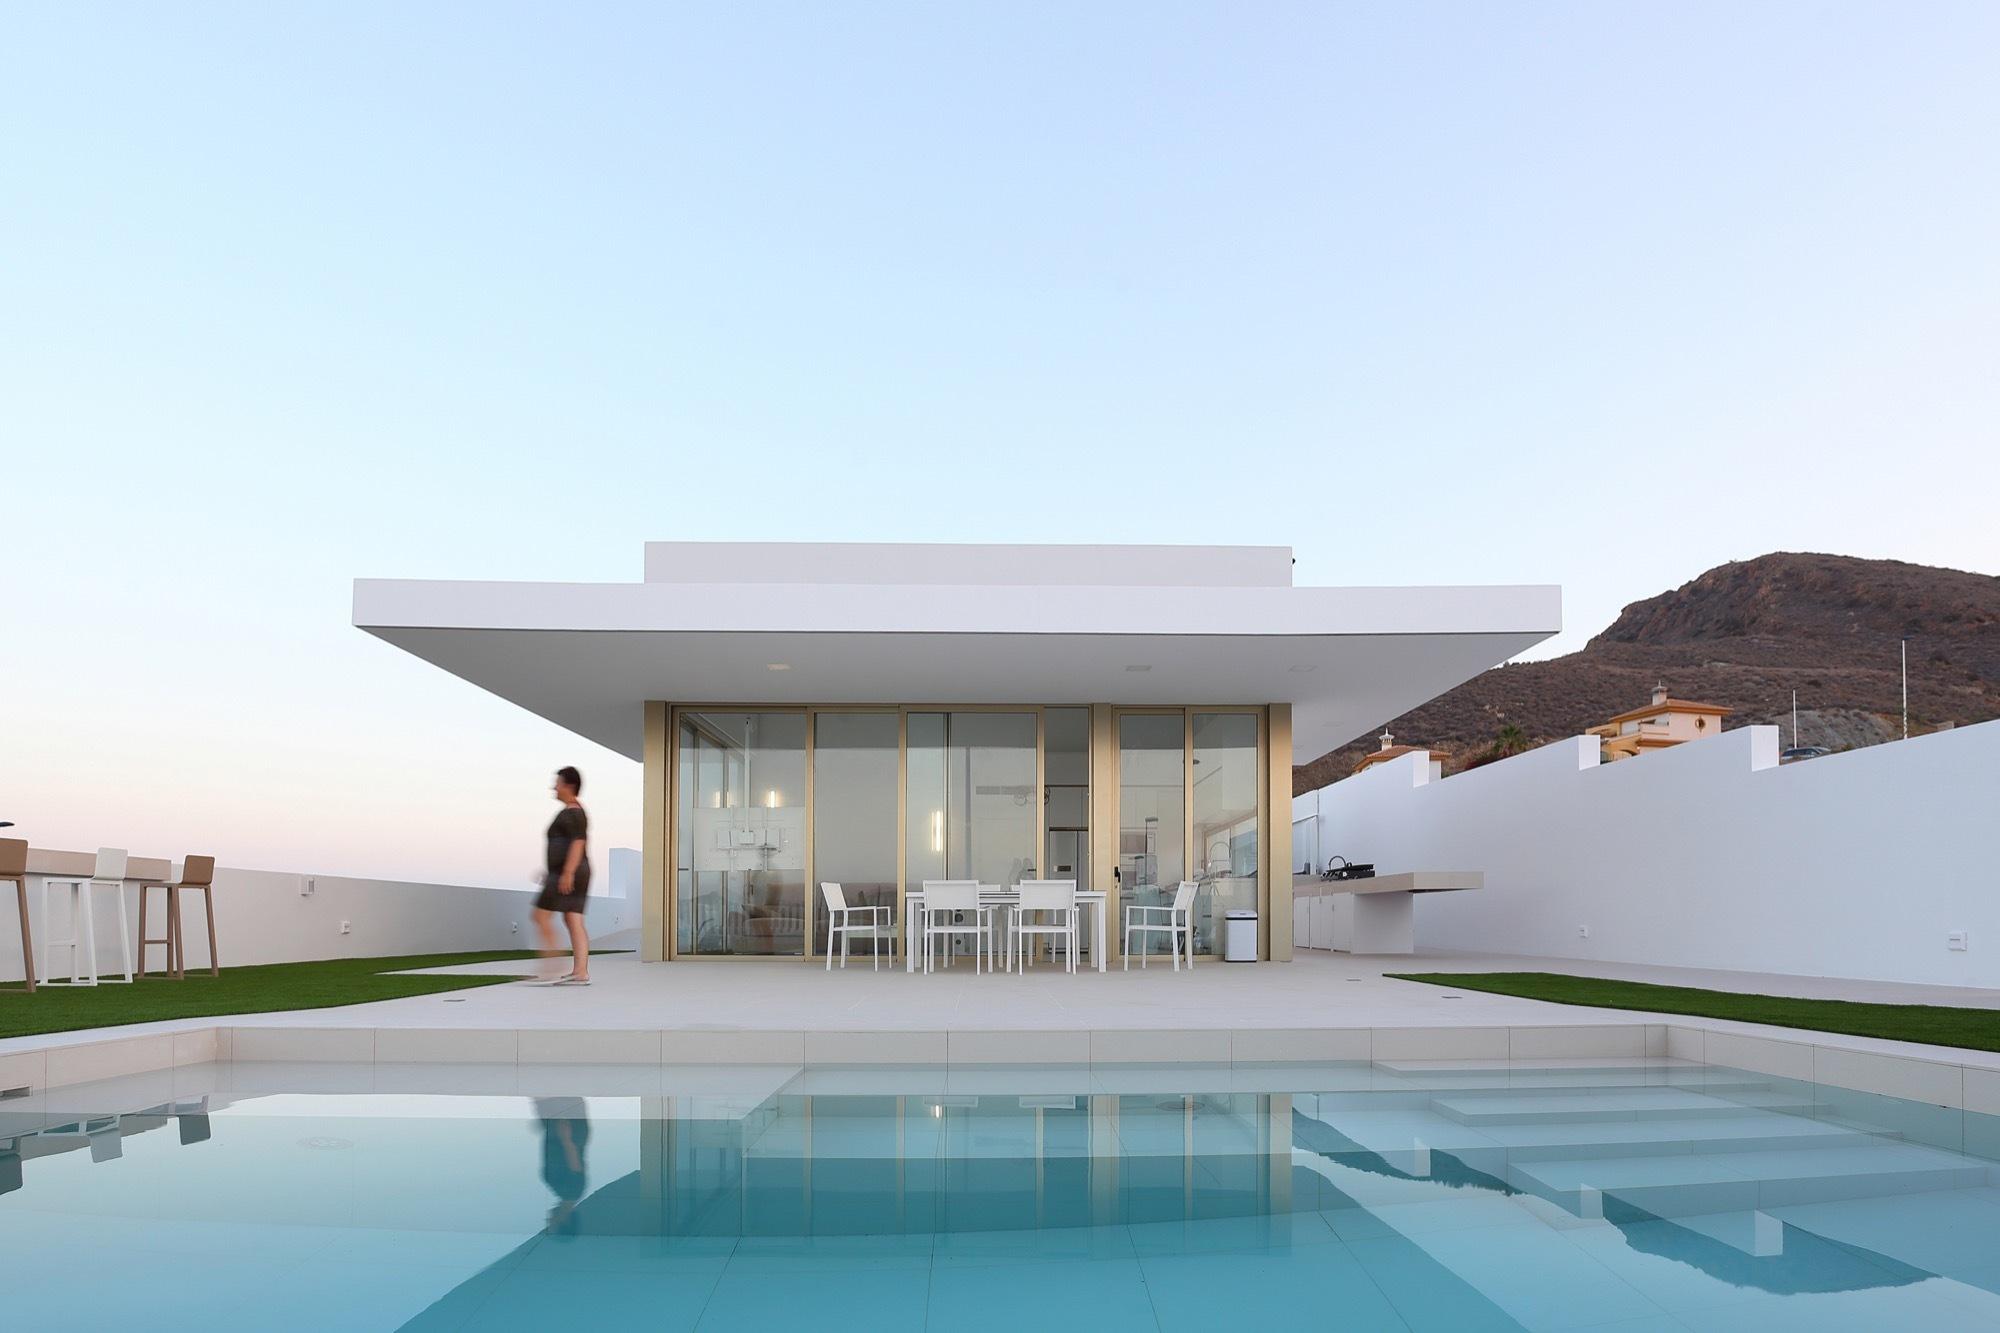 Casa con porche en voladizo pepa d az plataforma - Porche casa moderna ...